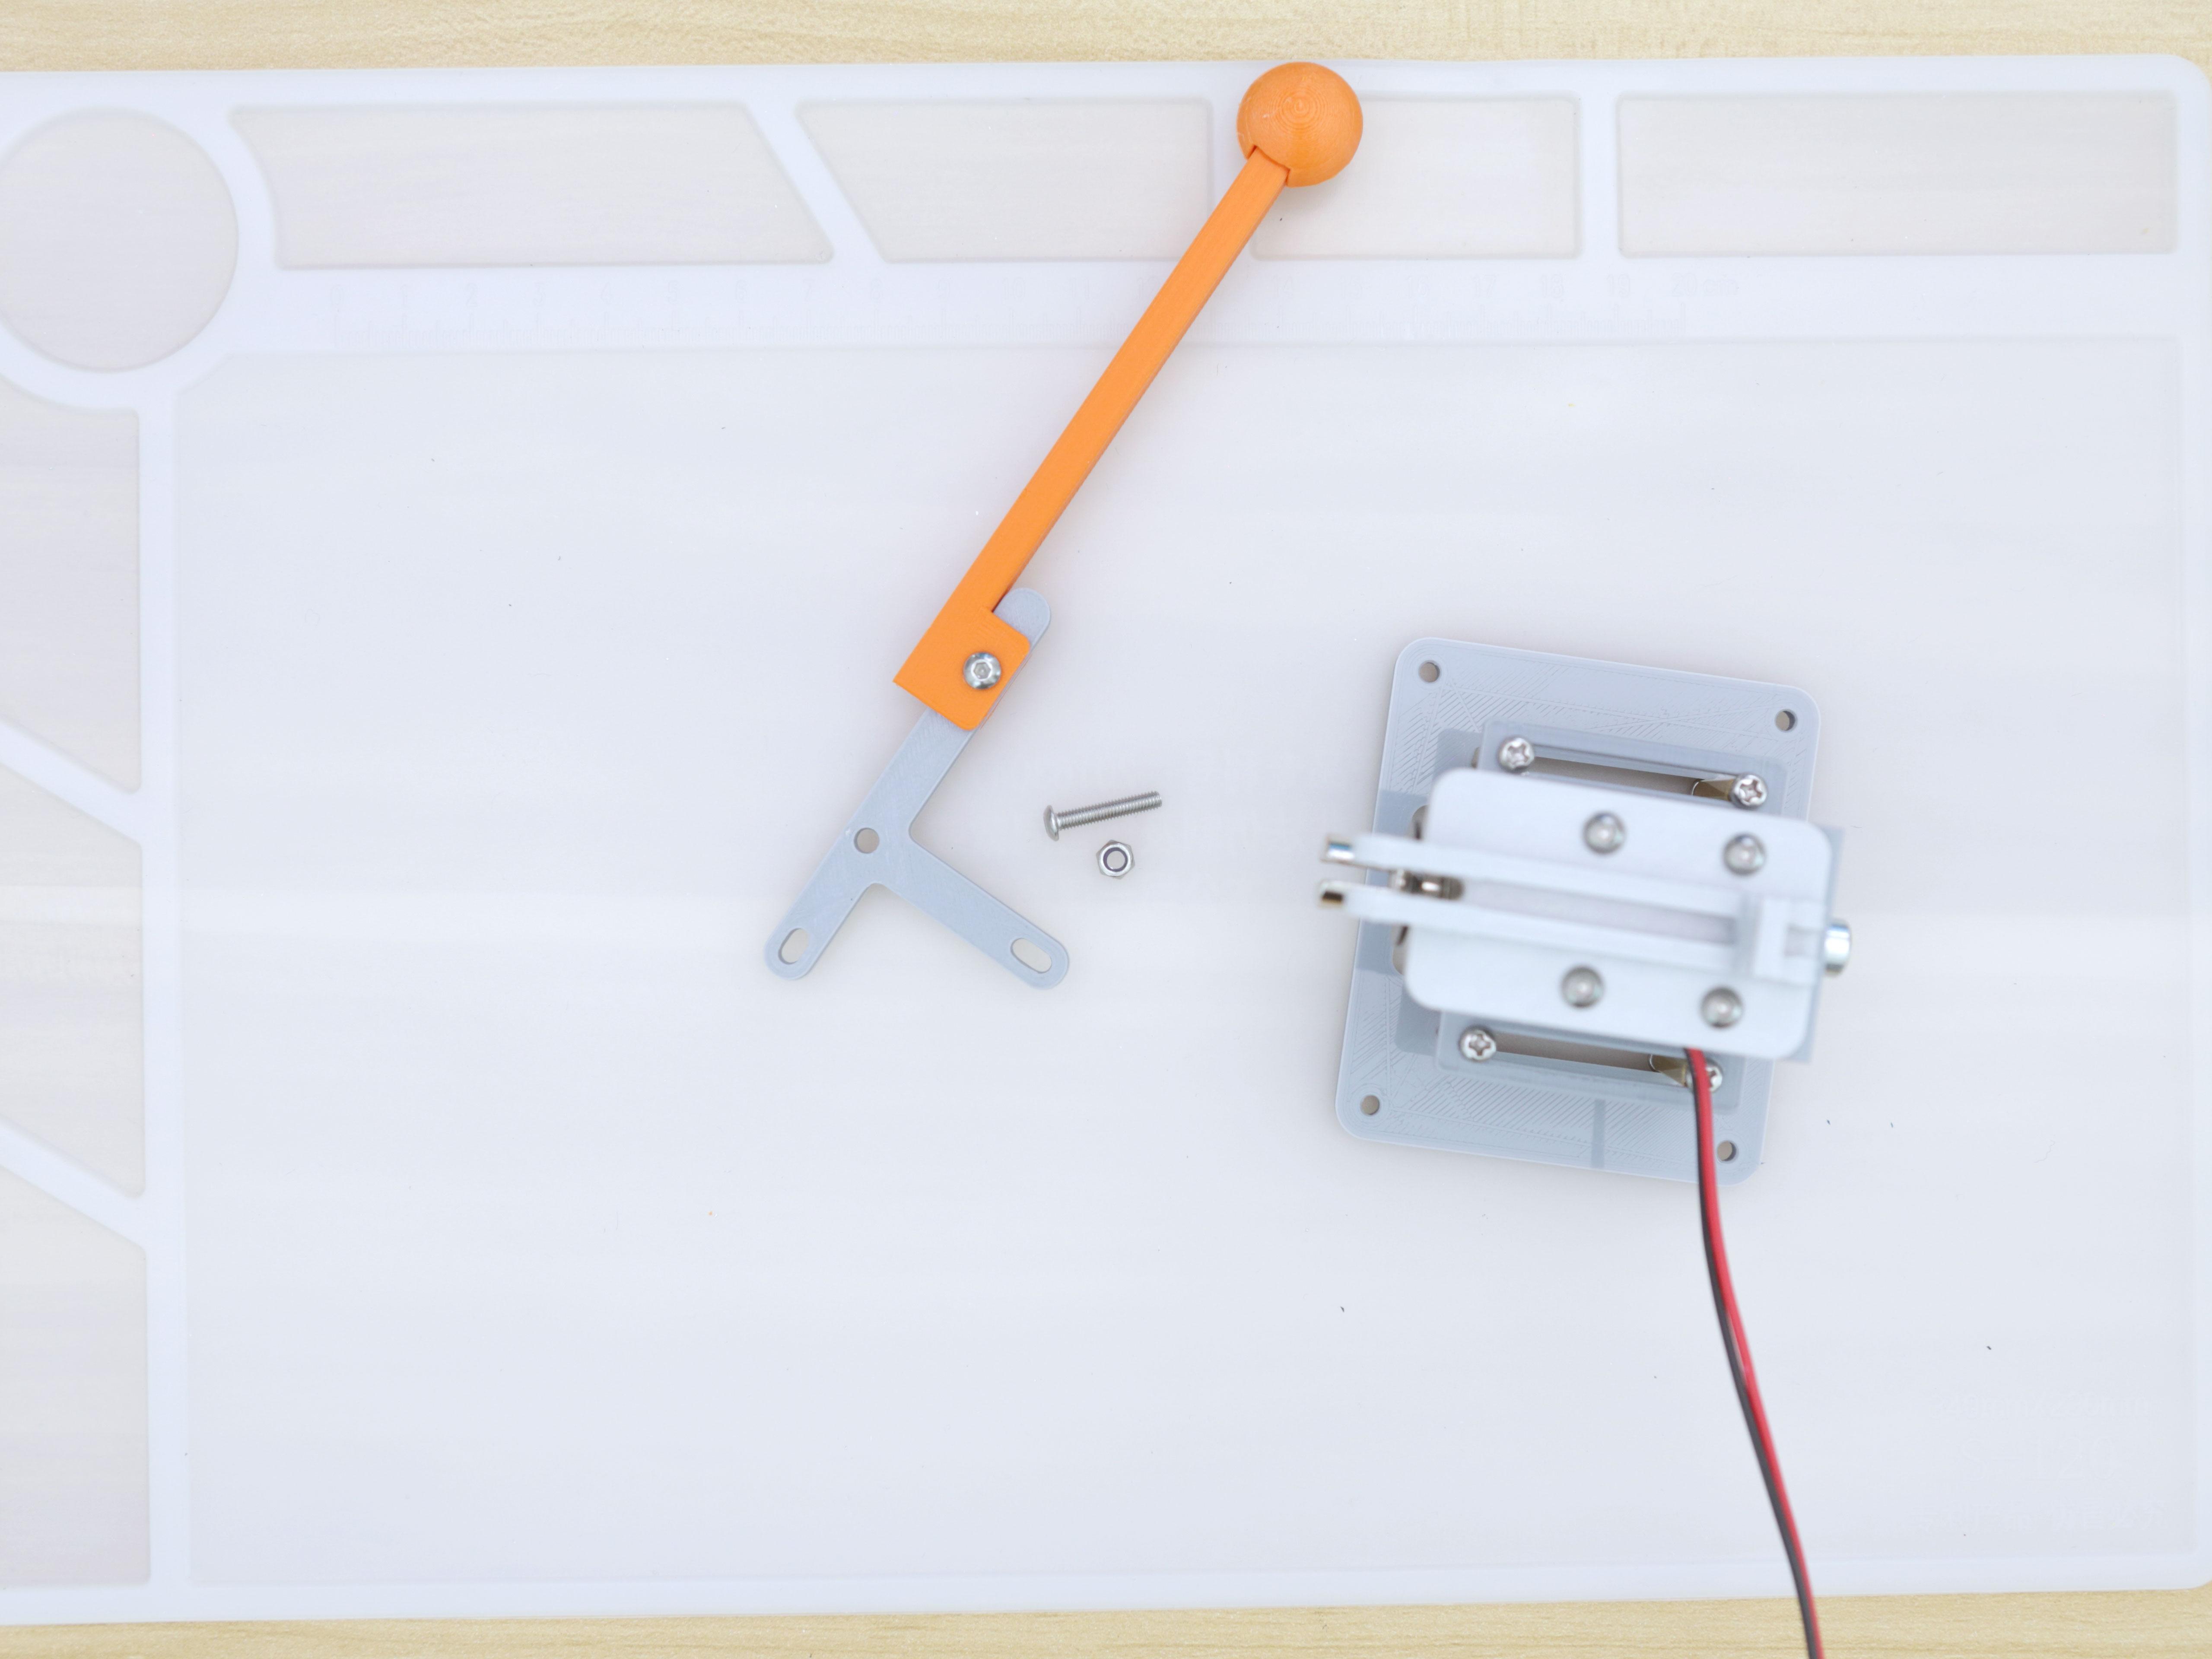 3d_printing_noid-mallet-link-preinstall.jpg